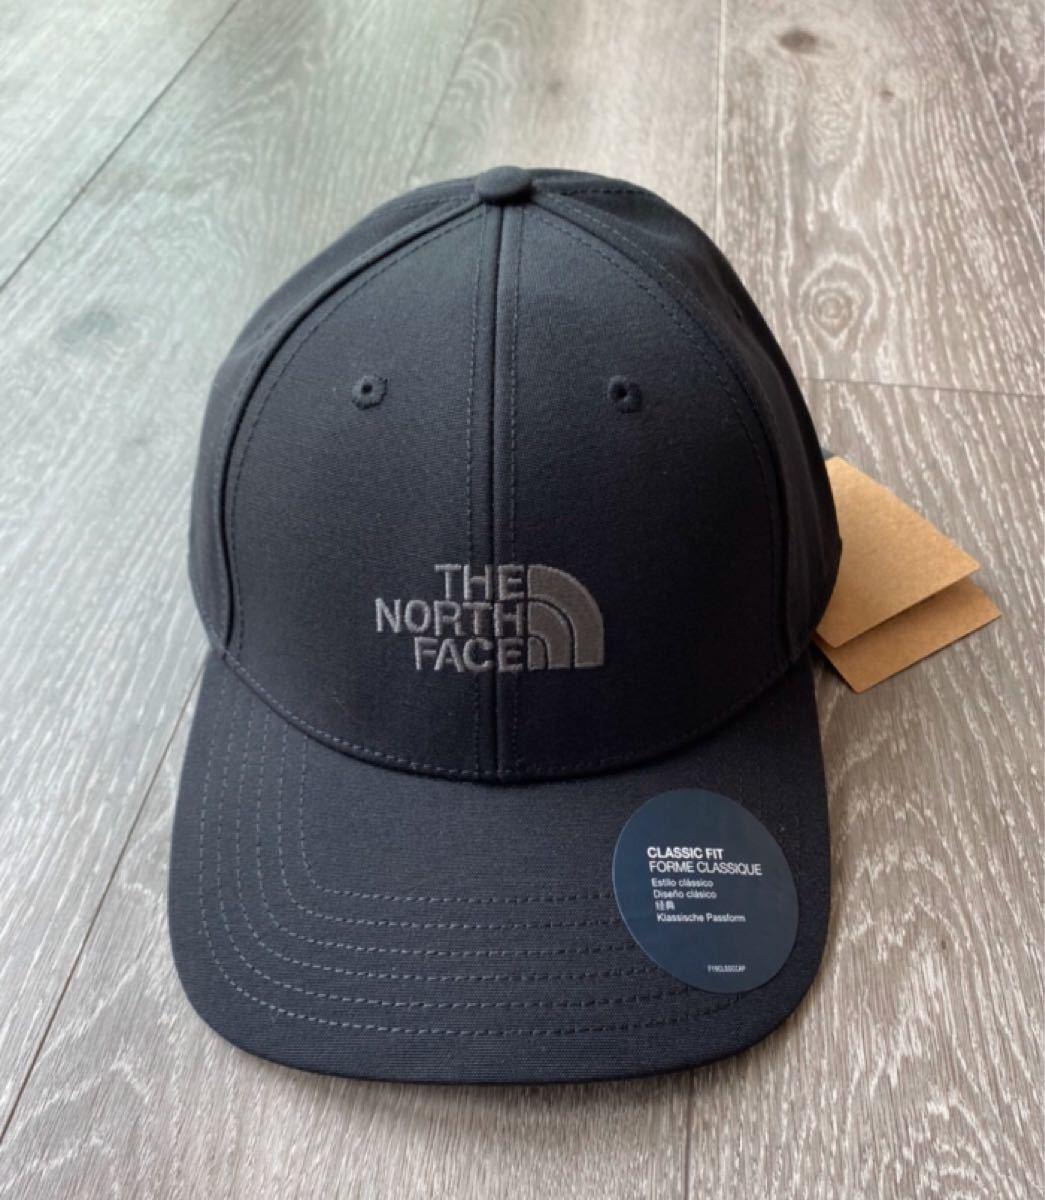 ザ ノースフェイス キャップ 66クラシックハット 新品 正規品 ブラック ノースフェイスキャップ THE NORTH FACE